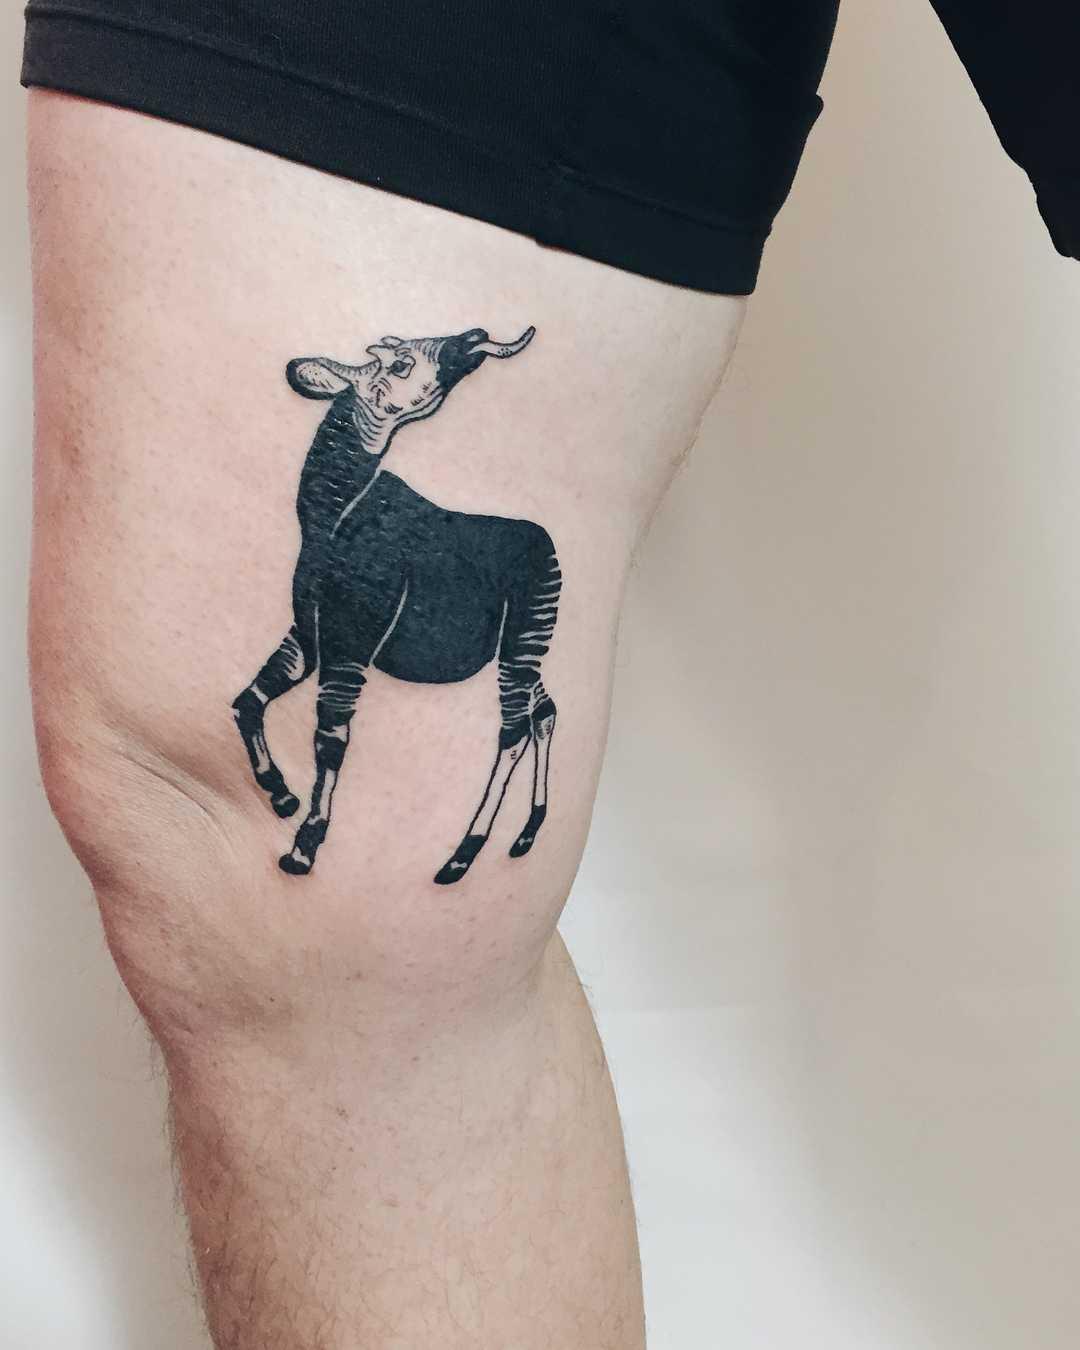 Okapi tattoo on the thigh